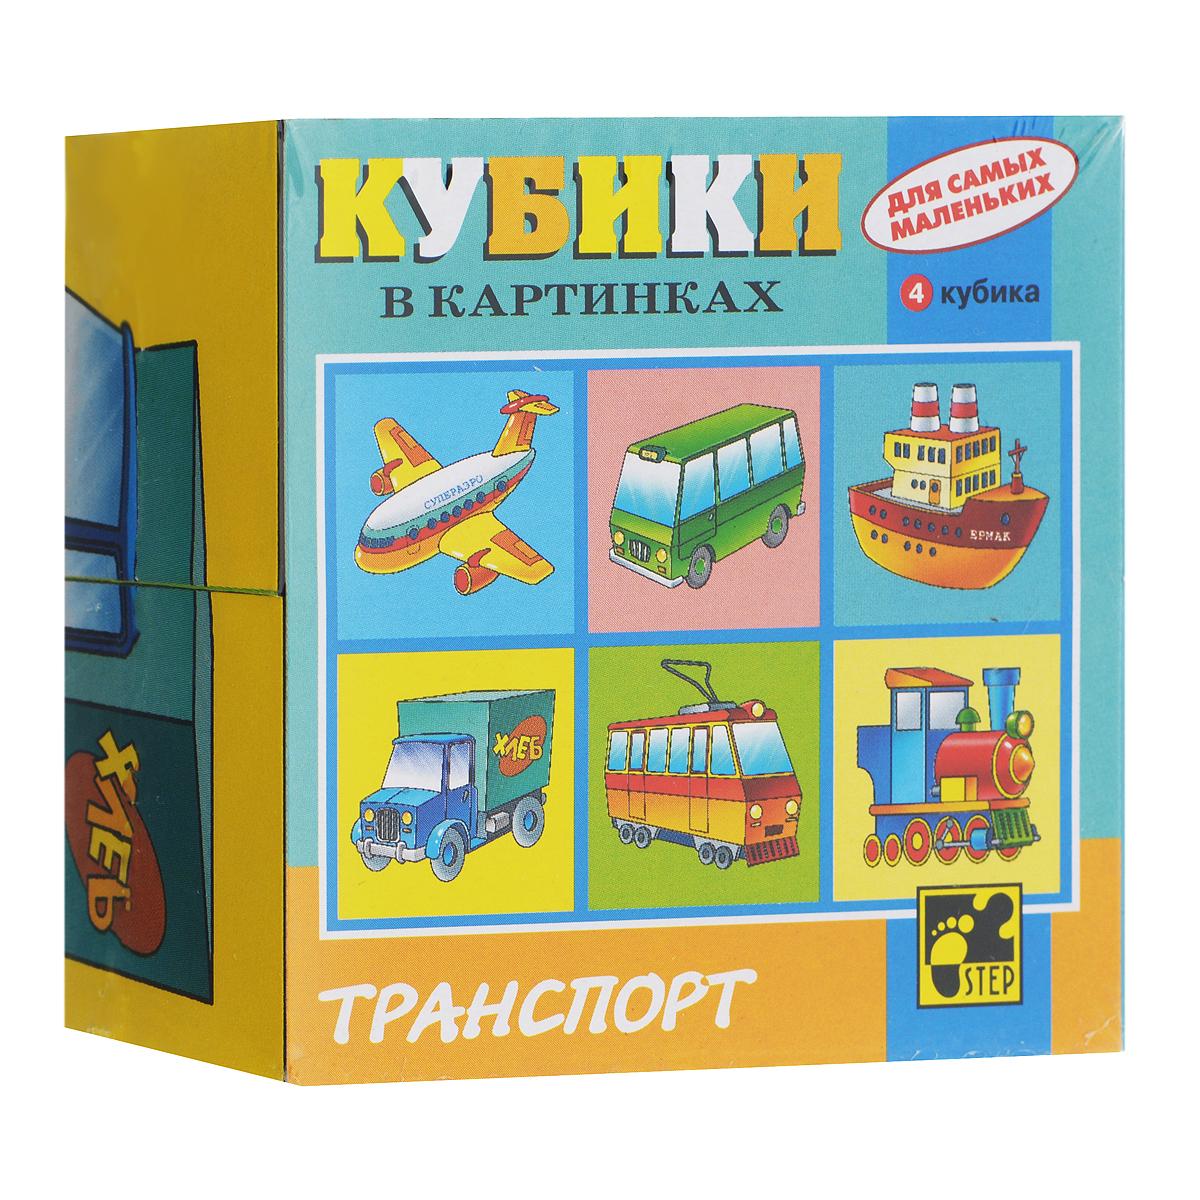 Кубики StepPuzzle Транспорт, 4 шт87314_транспортКубики StepPuzzle Транспорт включают в себя 4 кубика, на каждой грани которых расположен элемент рисунка. Составляя кубики, малыш сможет собрать 6 красочных картинок с изображением различных видов транспорта. Кубики выполнены из прочного безопасного пластика. Их грани идеально ровные, малышу непременно понравится держать их в руках, рассматривать и строить из них различные конструкции. А собирание ярких картинок малышу развить навыки логического мышления и поможет ему познакомиться с разными цветами и их названиями. Игры с кубиками развивают мелкую моторику рук, цветовое восприятие и пространственное мышление. Ребенку непременно понравится учиться и играть с кубиками, такие игры не только надолго займут внимание малыша, но и помогут ему развить мелкую моторику, пространственное мышление, зрительное и тактильное восприятие, а также воображение и координацию движений.